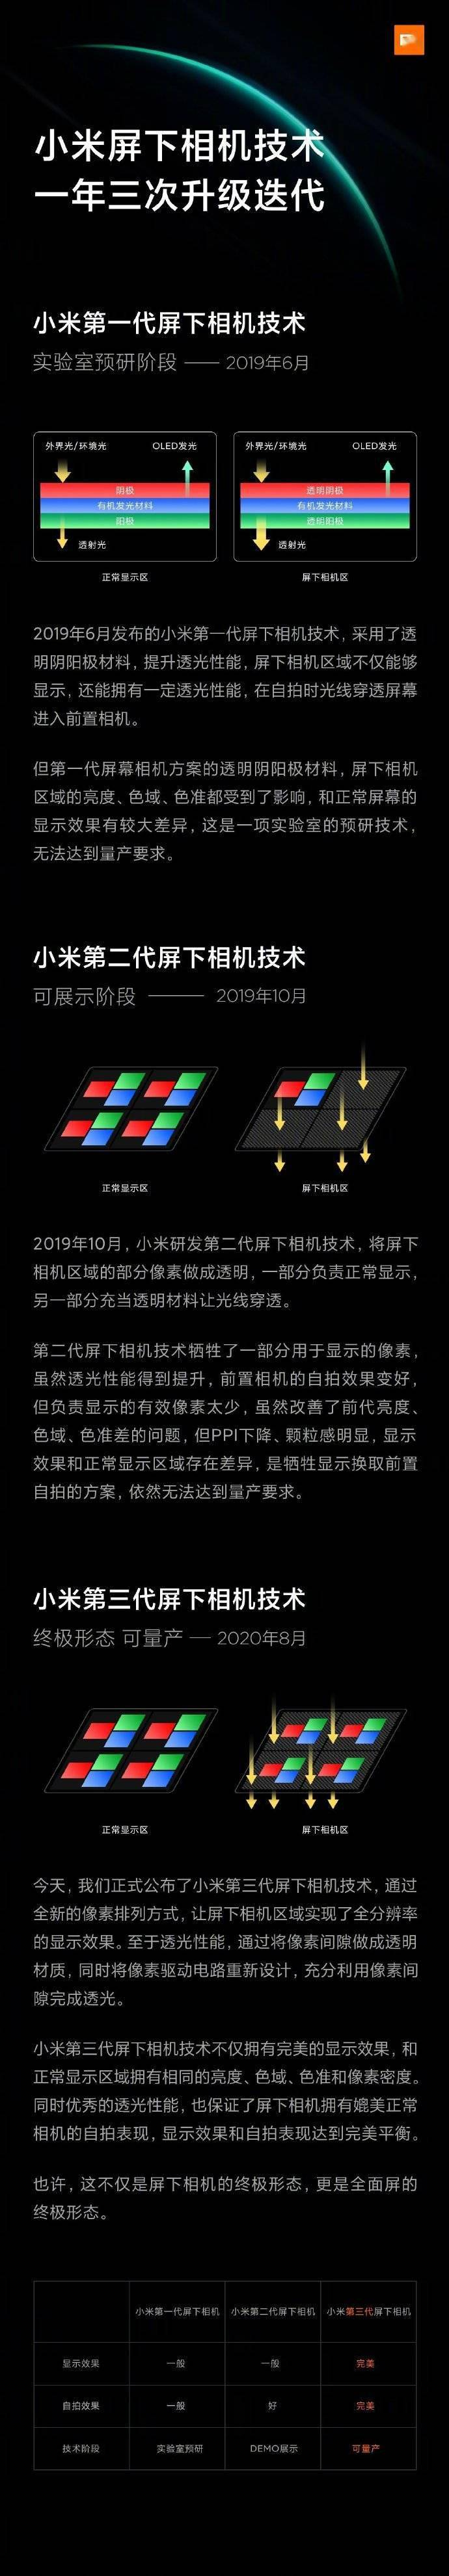 小米第三代屏下相机技术正式发布